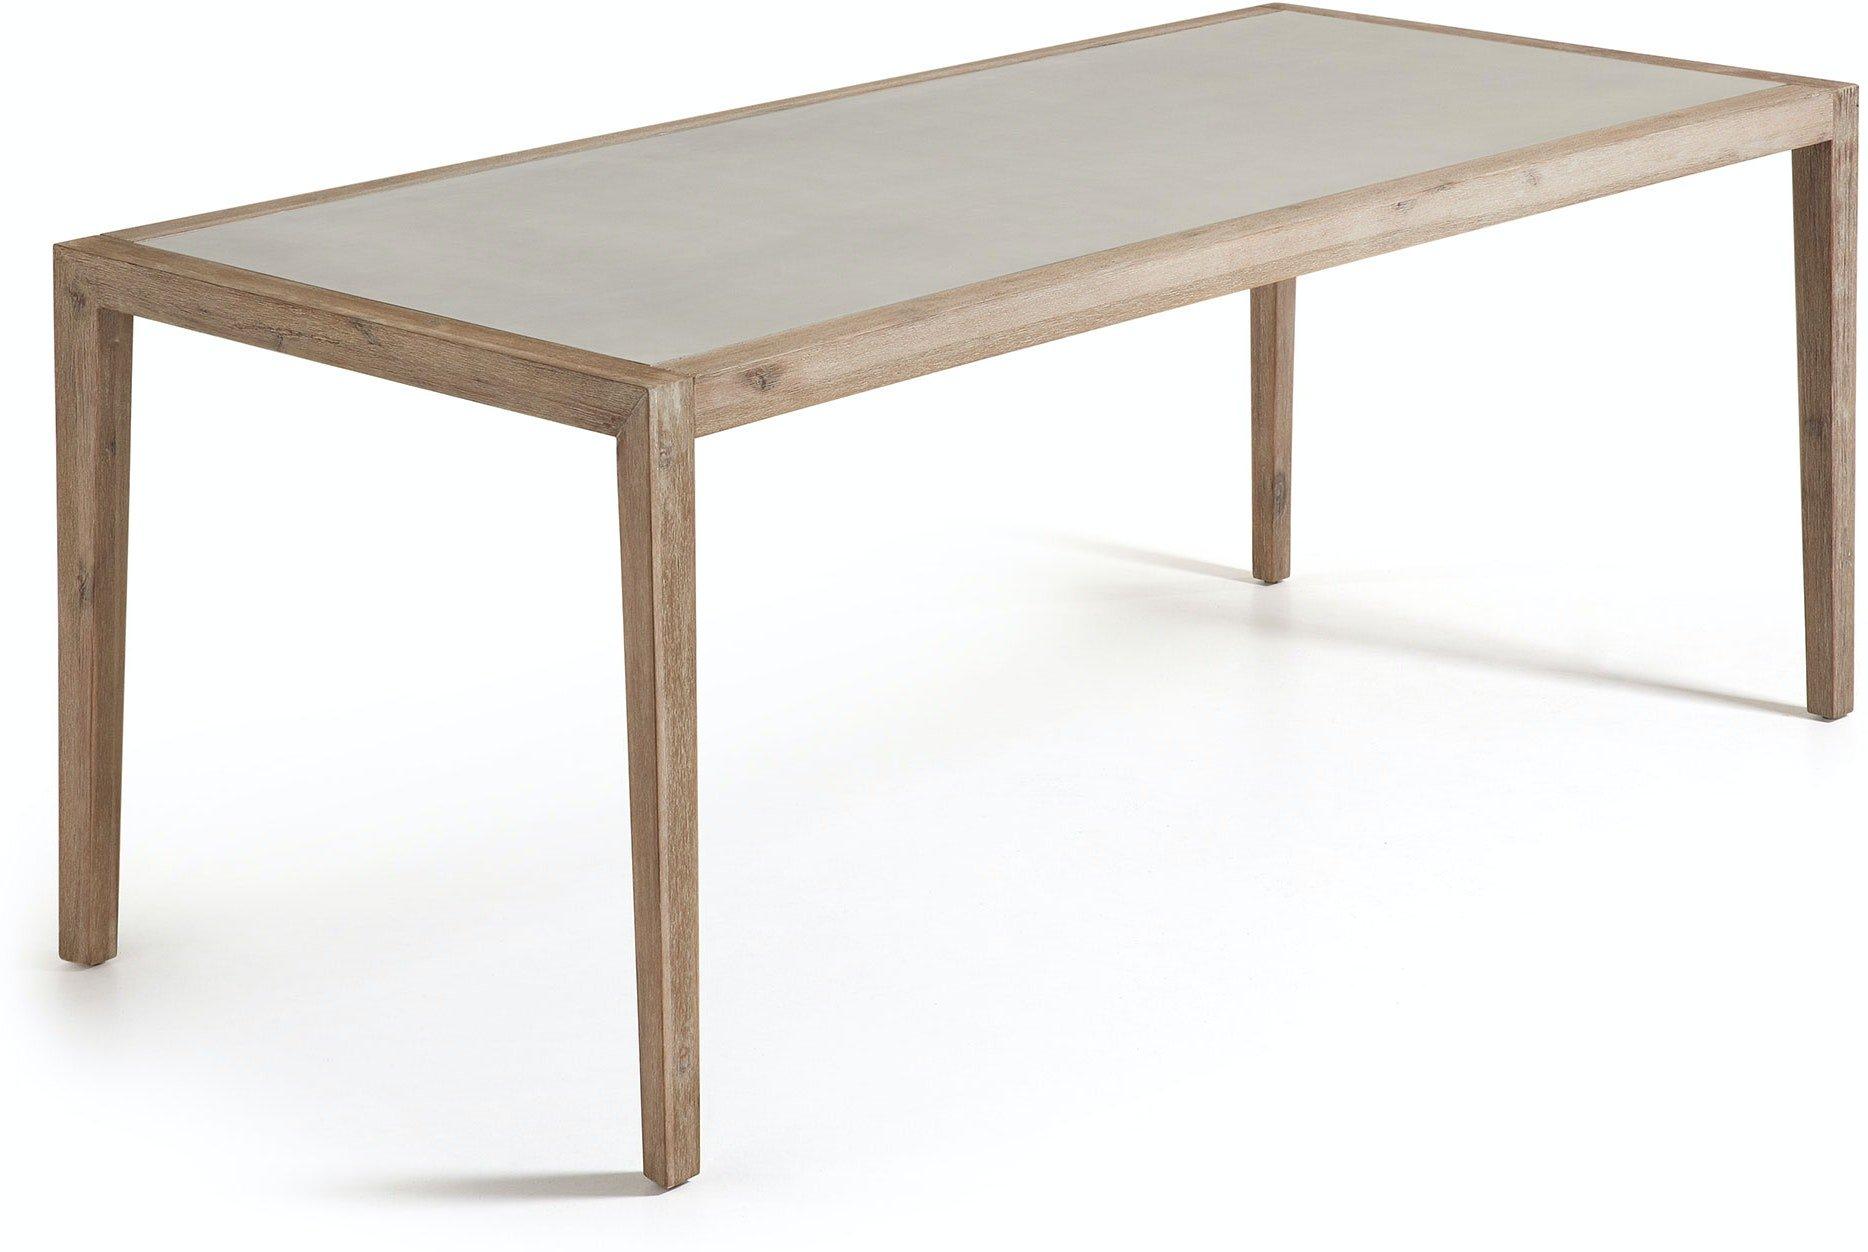 Køb Vetter, Udendørs spisebord by LaForma (H: 76 cm. B: 200 cm. L: 90 cm., Grå/Natur)